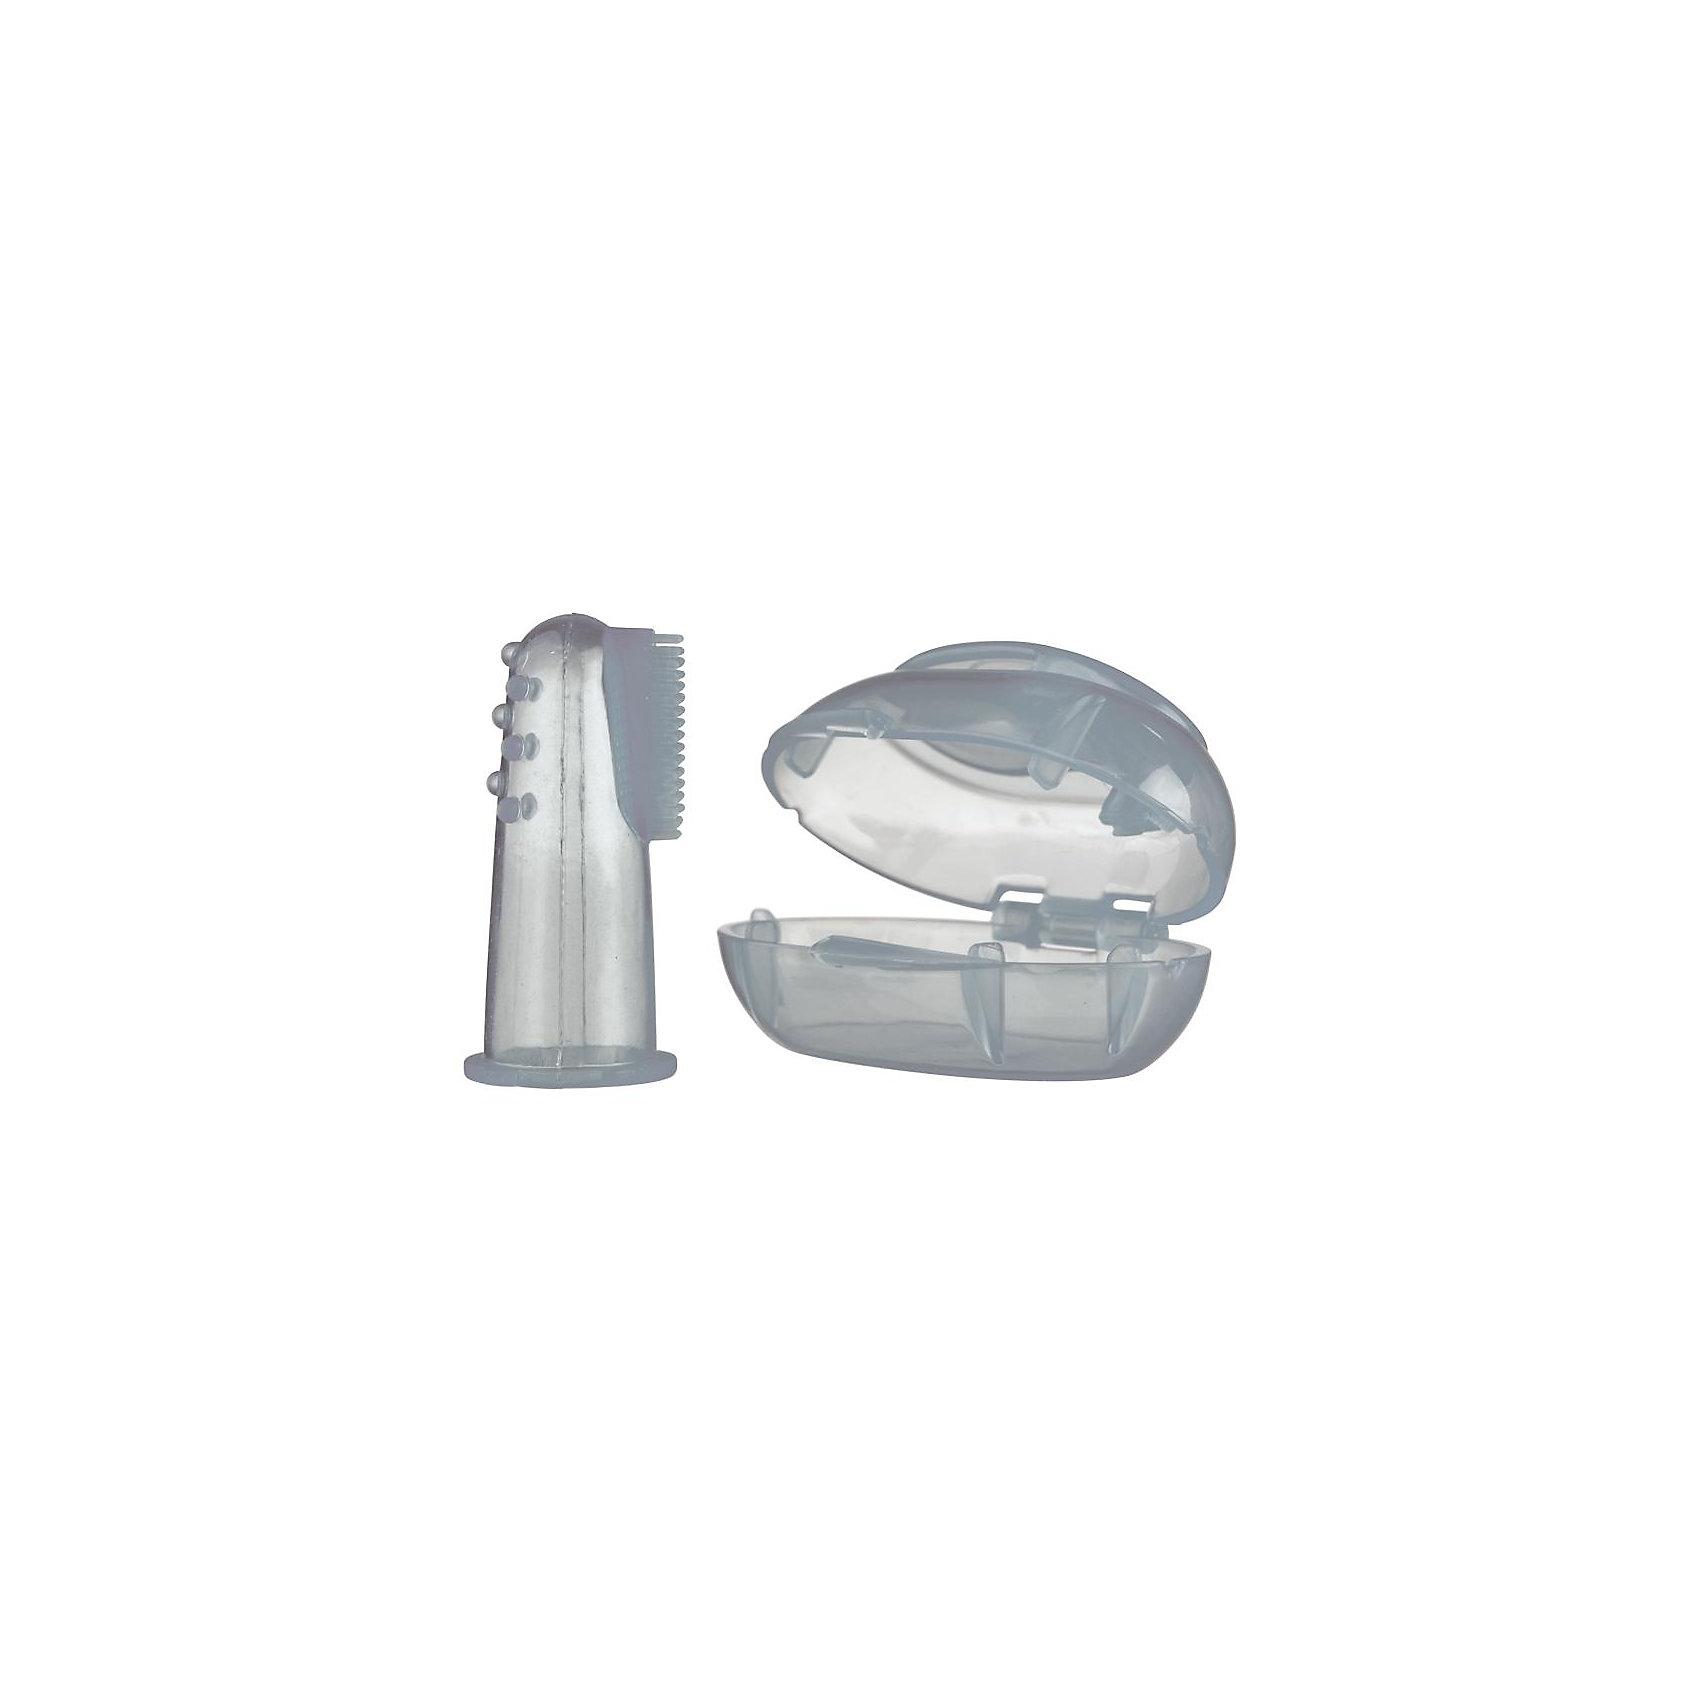 Зубная щетка–напальчник с коробочкой для хранения, NubyЗубные щетки<br>Зубная щетка – напальчник с поверхностью разной структуры разработана для облегчения очищения полости рта, неба, десен и зубов. При этом массаж помогает успокоить десны во время прорезывания зубов.     <br>      <br>Применение:      <br>- Натяните щетку себе на палец, увлажните ее и осторожно используйте ее для очищения и массажа зубов, десен и полости рта.   <br>      <br> - регулярно проверяйте зубную щетку путем растягивания на предмет трещин и прочих повреждений. Если зубная щетка стала пористой или повреждена иным образом, ее следует заменить на новую.    <br>      <br>    <br>Изготовлено из мягкого, гигиеничного силикона.          <br>    <br>В соответствии с ДИРЕКТИВОЙ 2011/8/ЕС КОМИССИИ от 28 января 2011г. не содержит бисфенол А.<br><br>Ширина мм: 145<br>Глубина мм: 96<br>Высота мм: 22<br>Вес г: 30<br>Возраст от месяцев: 3<br>Возраст до месяцев: 36<br>Пол: Унисекс<br>Возраст: Детский<br>SKU: 1769268